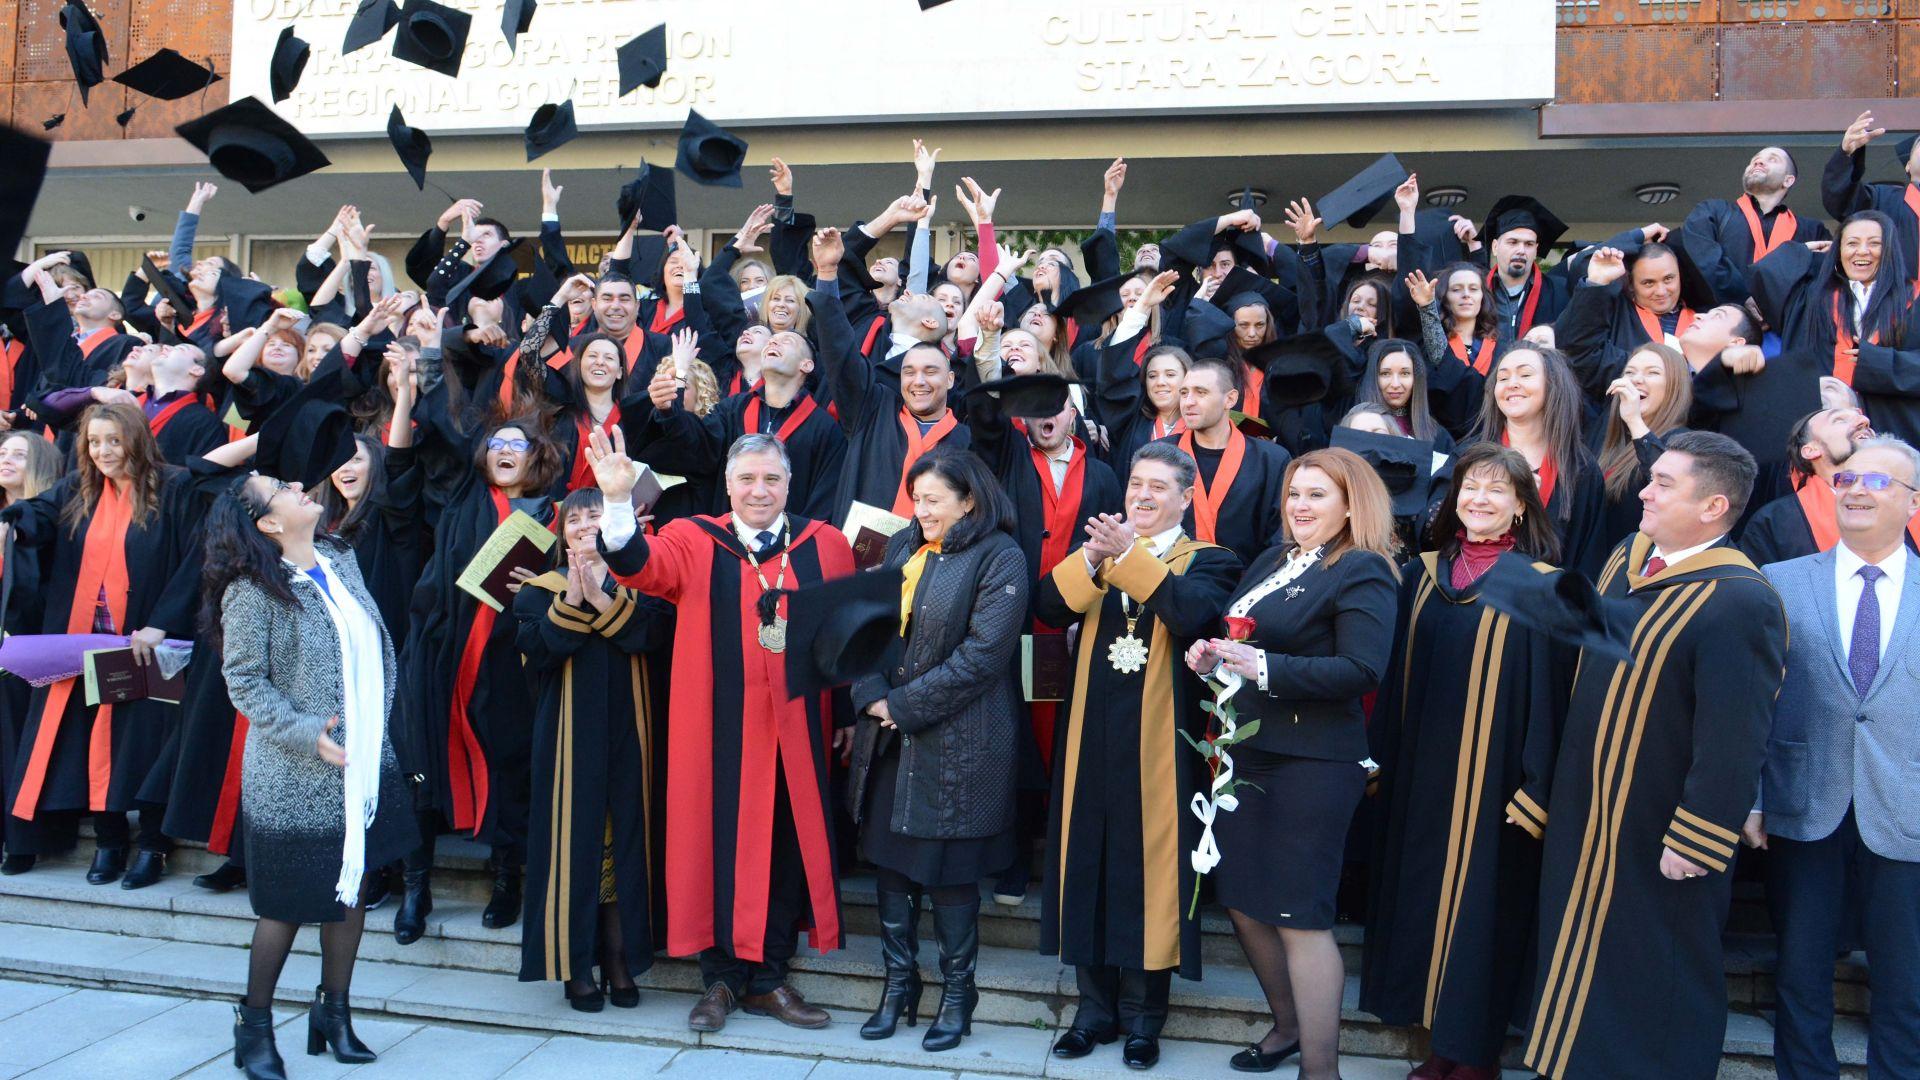 Днес - 8 декември, е празник на българските студенти. През